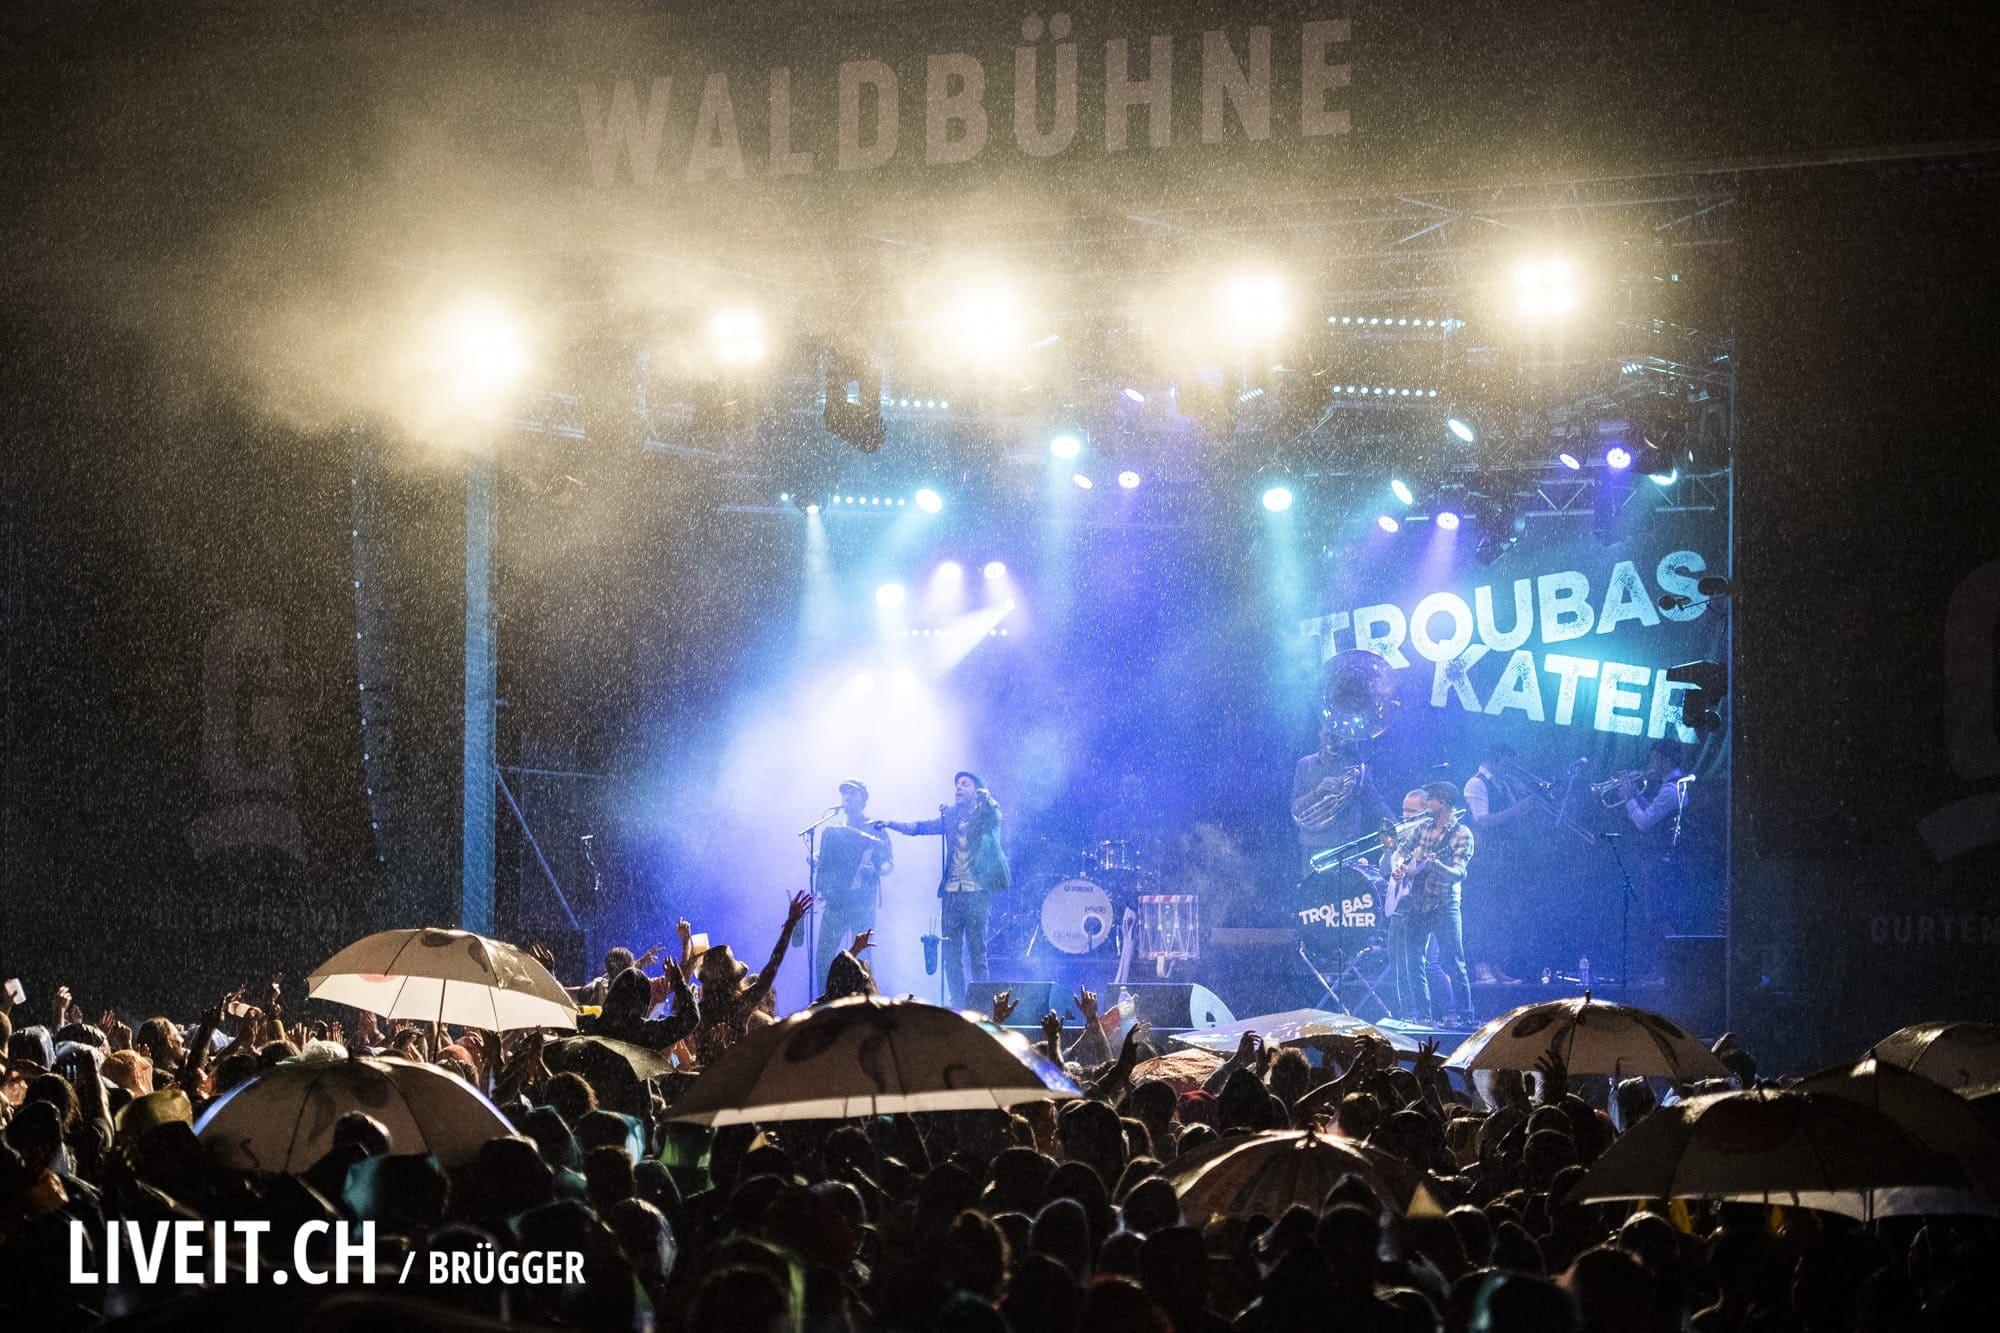 Troubas Kater Gurtenfestival 2018 in Bern. (Dominic Bruegger for Gurtenfestival)